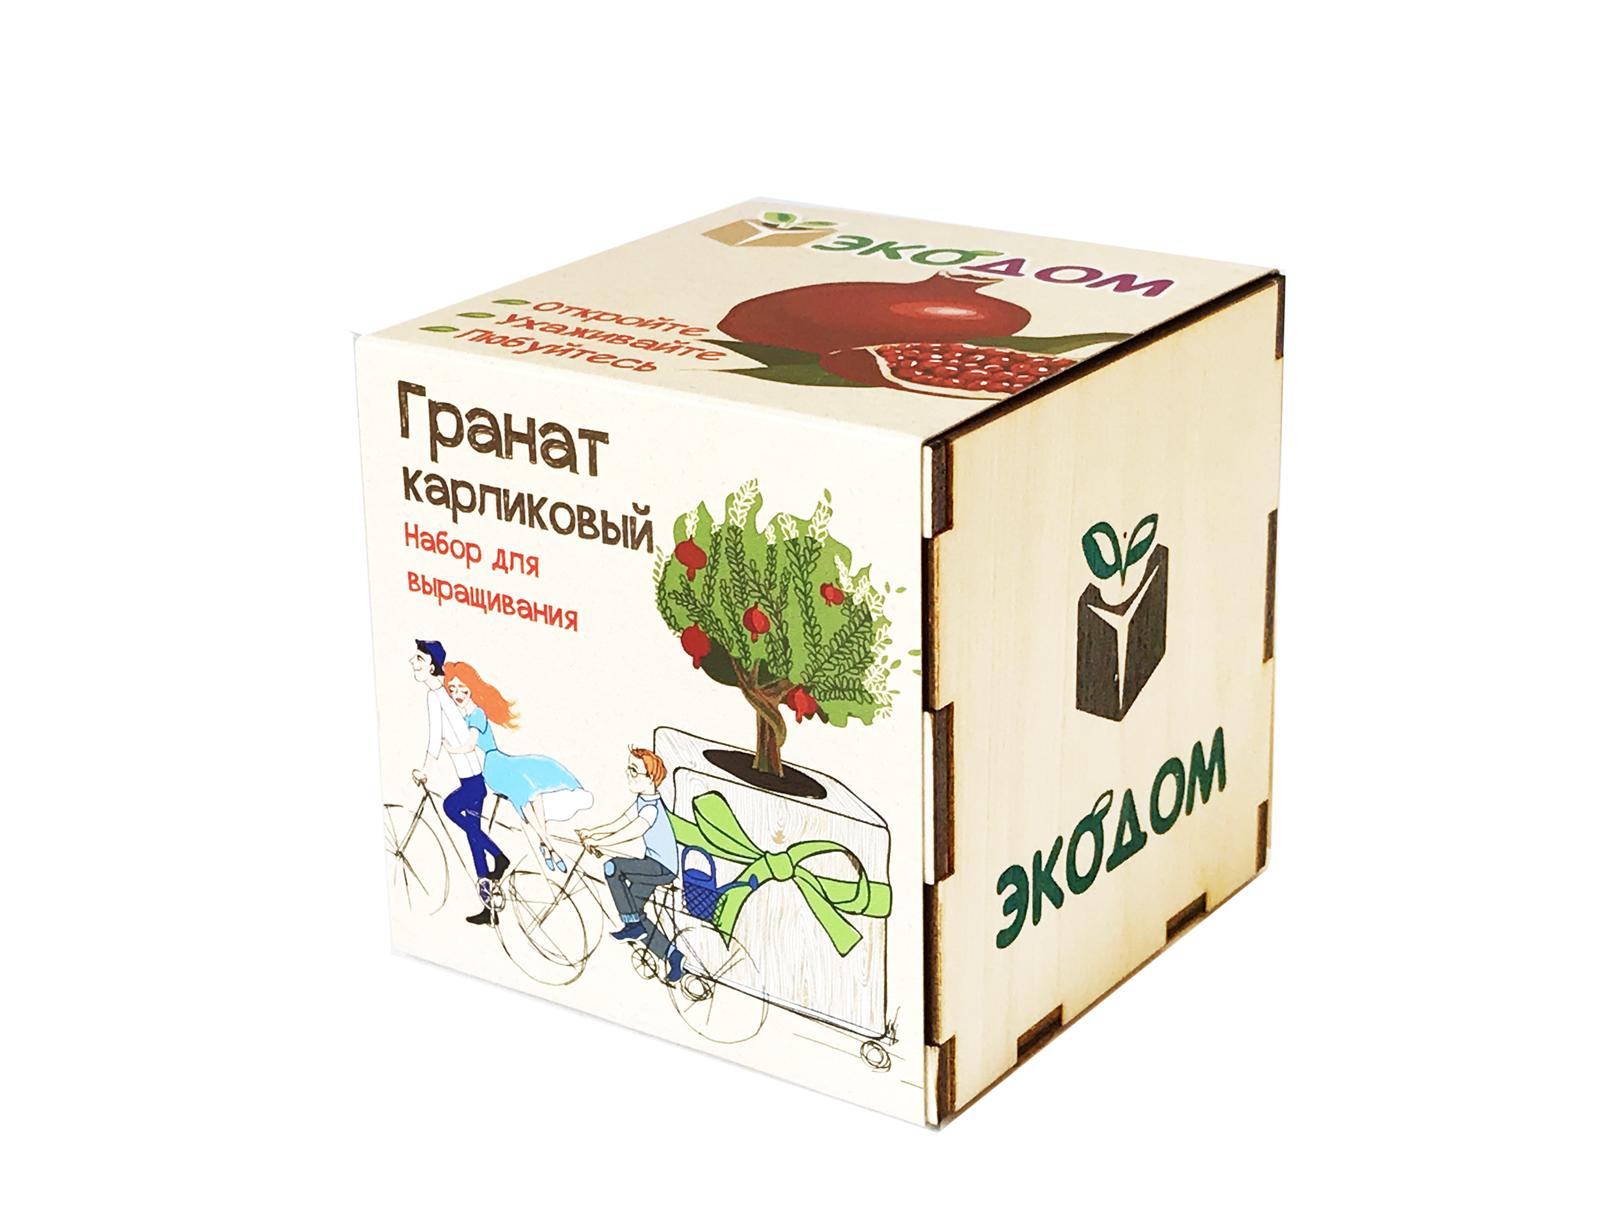 Подарочный набор для выращивания в древесном кубике ЭкоДом. Гранат Карликовый1061843804469Кубик из тонкой древесной плиты размером 8 х 8 х 8 см. Ручная работа. Это подарок, как украшение интерьера, развивающая игрушка или просто знак внимания. К тому же это дань очень важной сегодня экологической тематике. Набор очень прост в использовании. Нужно лишь посадить семена, ухаживать, согласно инструкции. Для упаковки использована качественная полиграфия. И только экологически чистые ингредиенты.